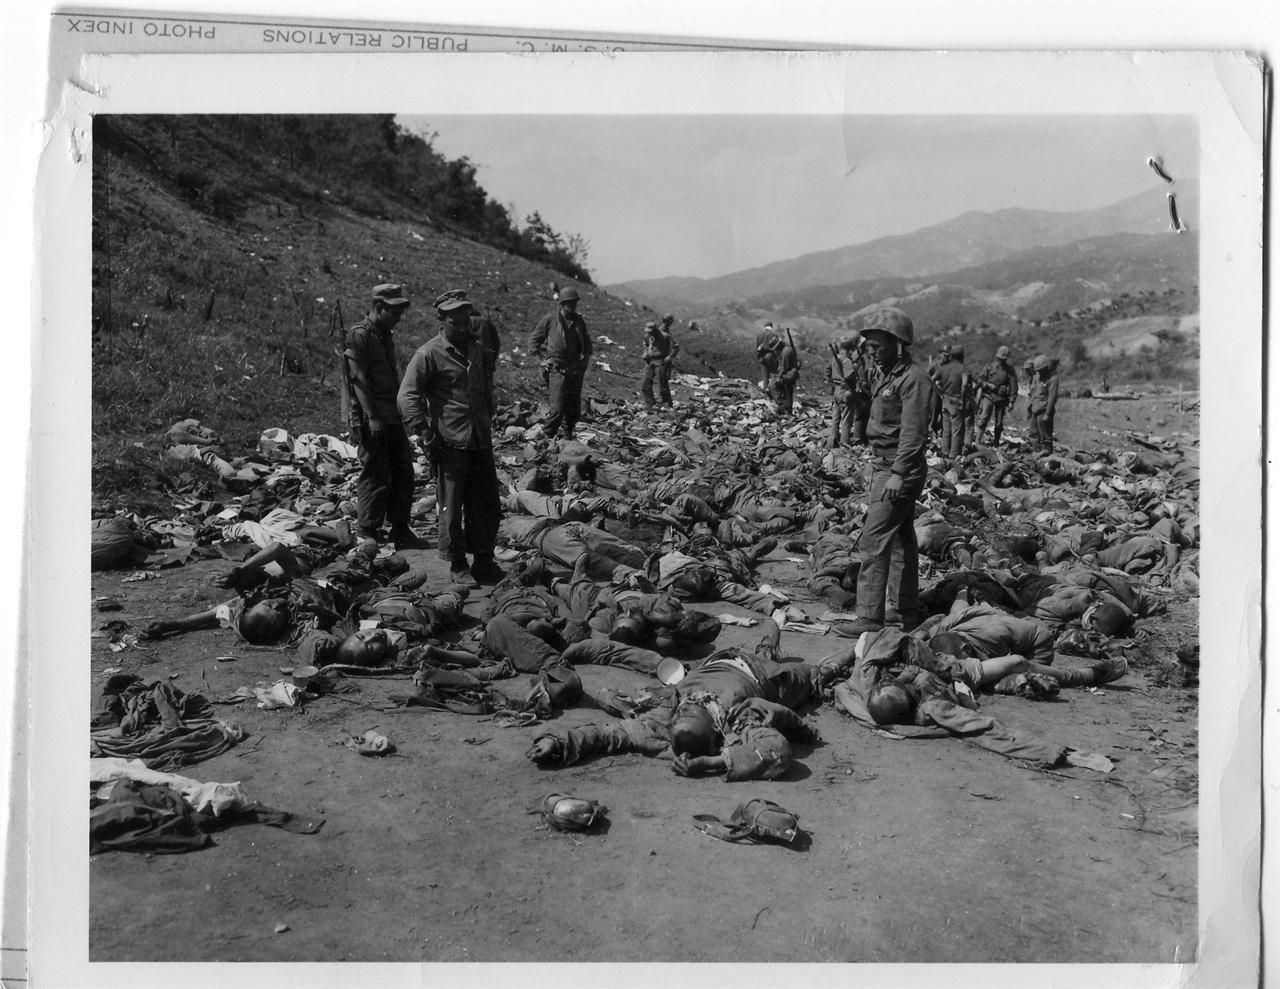 1951. 5. 17. 중국군 시신 더미